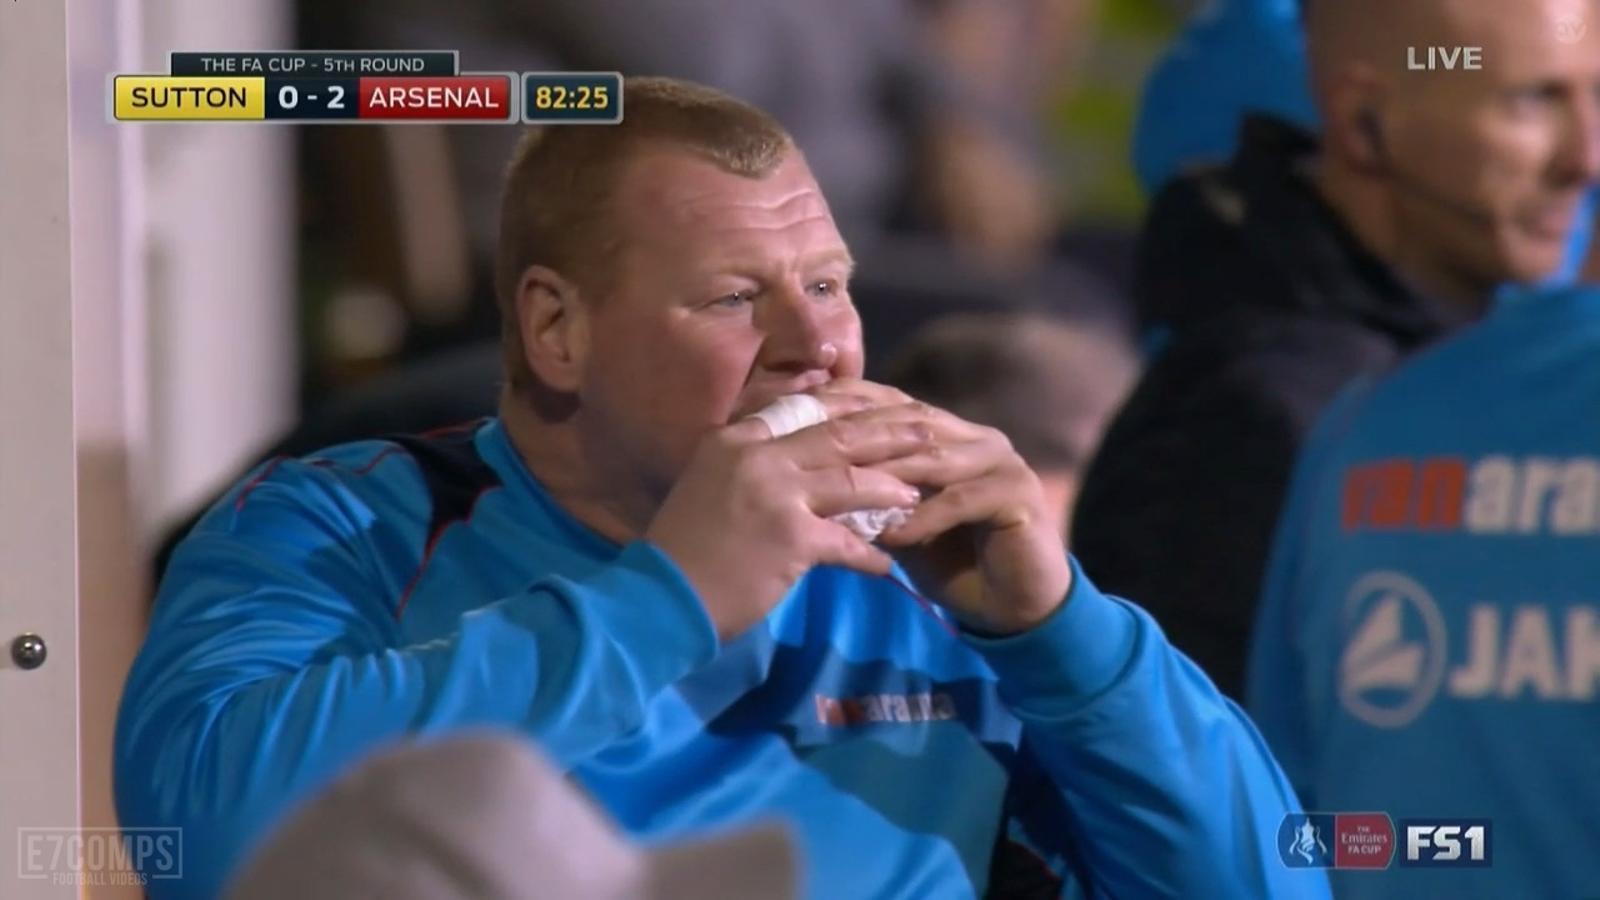 Wayne Shaw, porter suplent del Sutton, menjant un entrepà durant el partit contra l'Arsenal